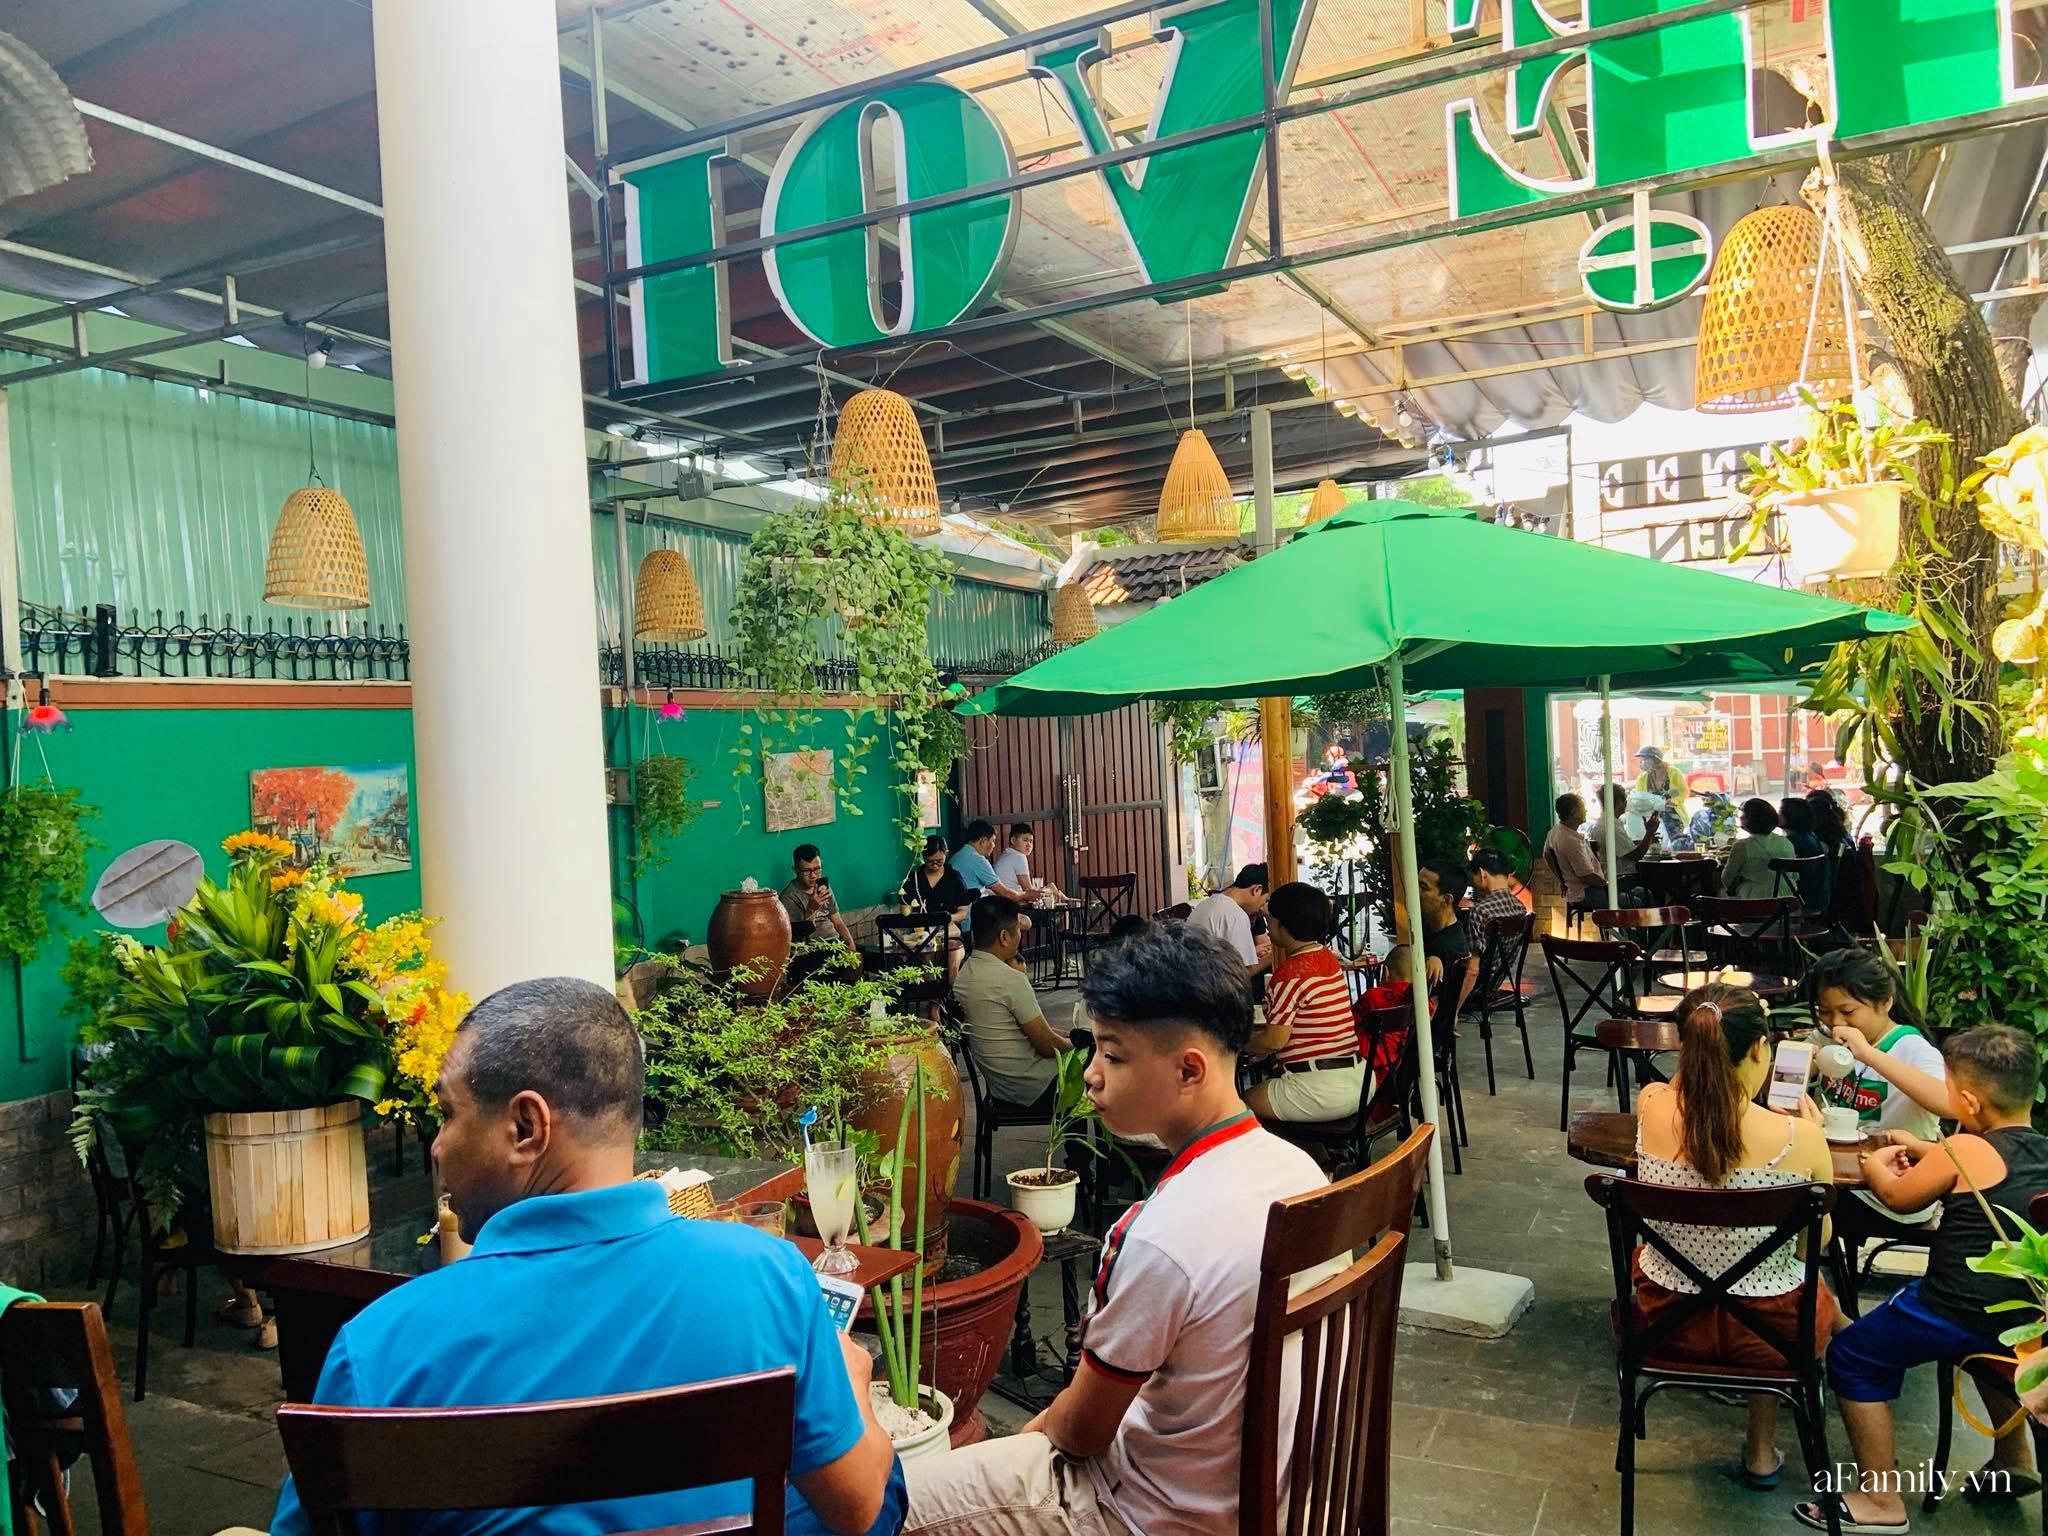 Sóng gió cuộc đời tới bỏ công việc ổn định ở thủ đô, cô gái 8x tự mở chuỗi cafe ở Đà Nẵng doanh thu hơn 200 triệu/tháng - Ảnh 5.